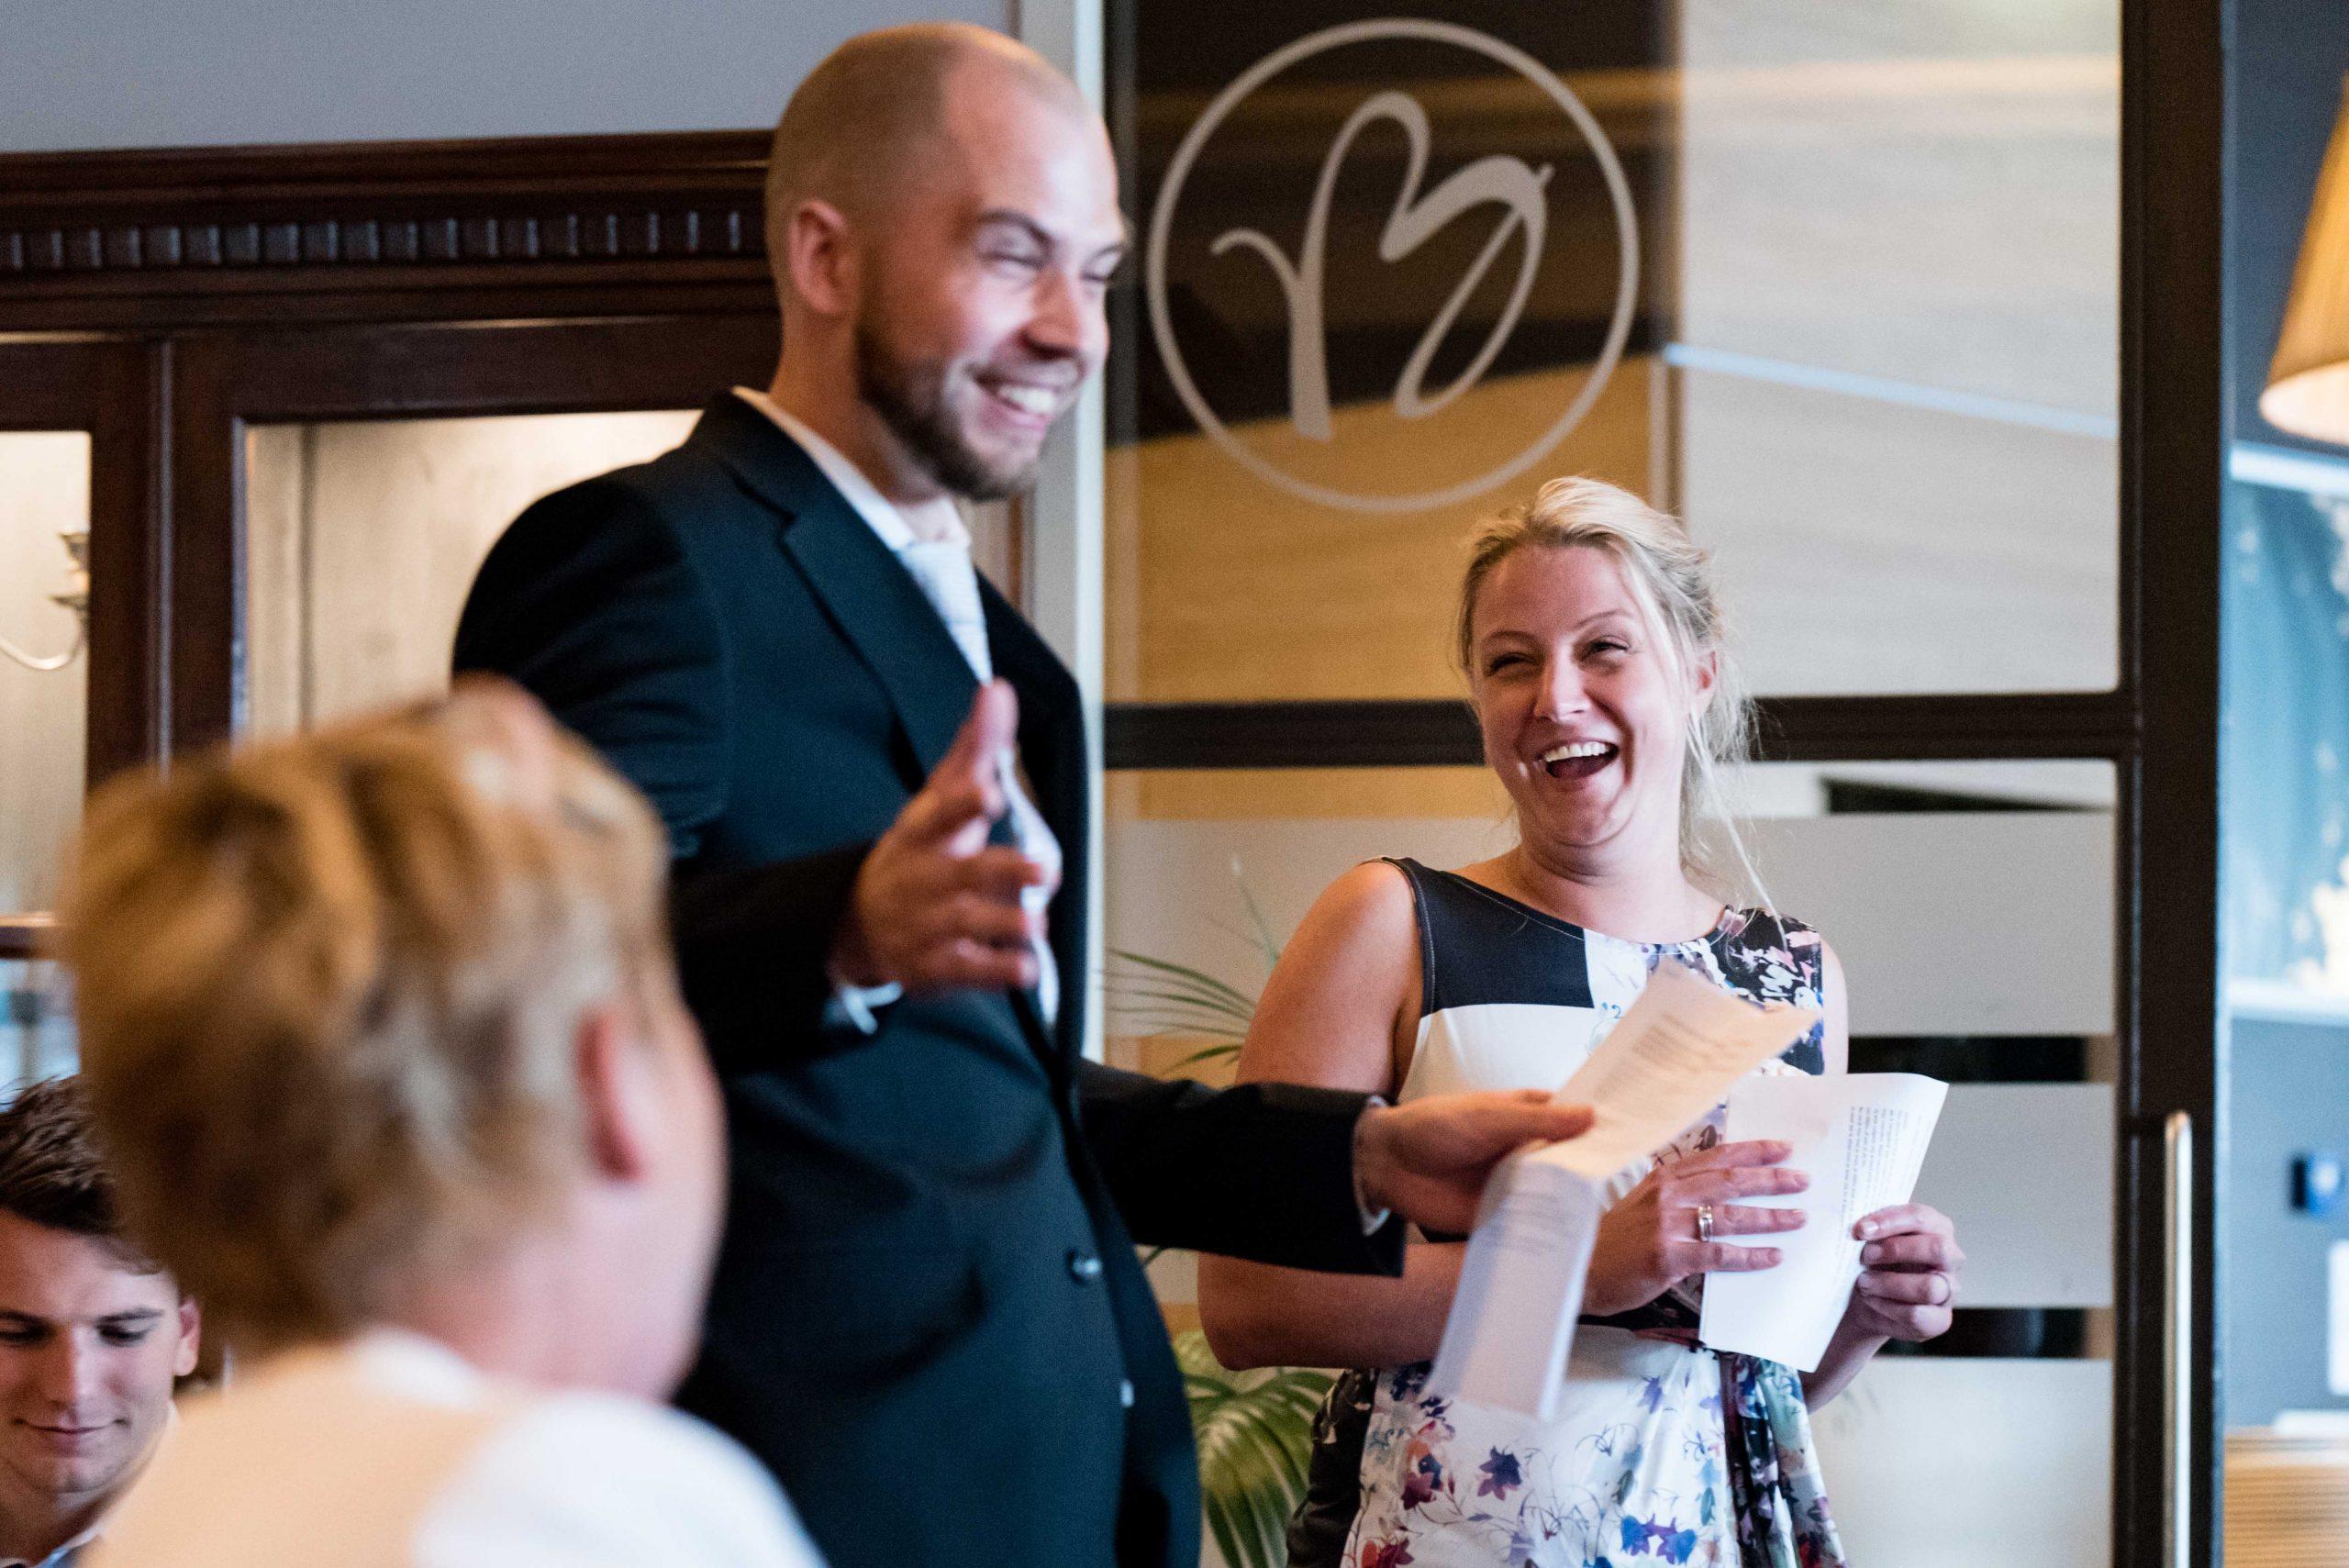 Zus en zwager tijdens speech op bruiloft.